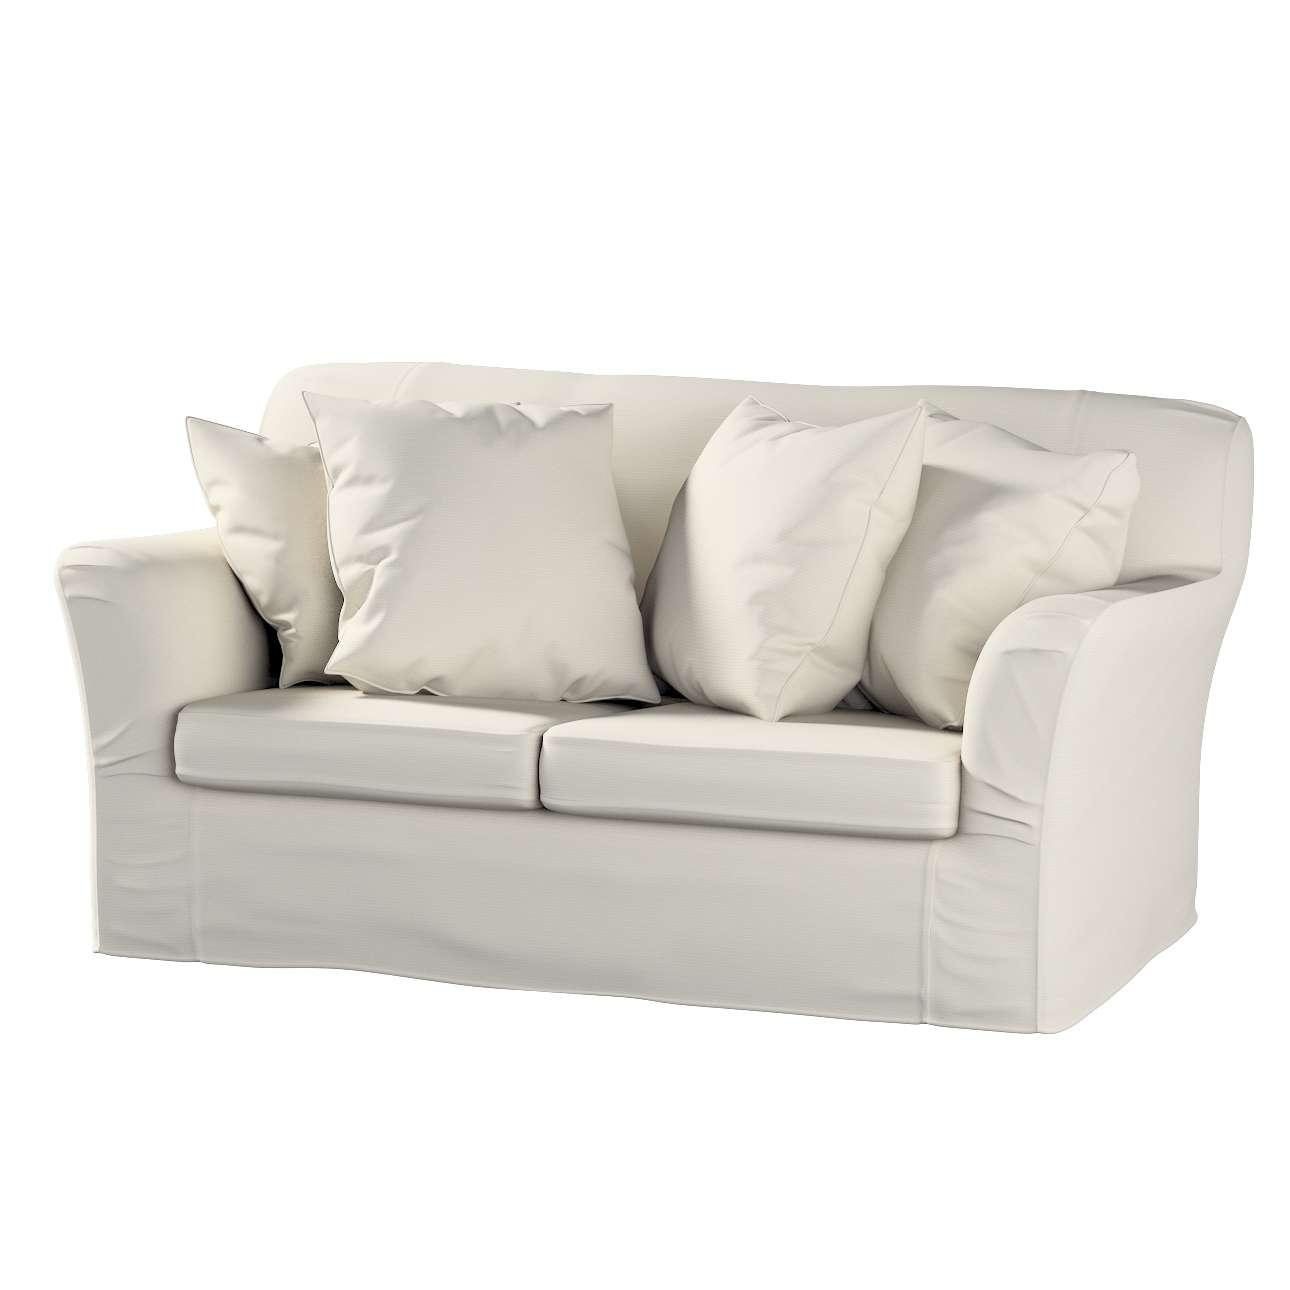 Pokrowiec na sofę Tomelilla 2-osobową nierozkładaną Sofa Tomelilla 2-osobowa w kolekcji Cotton Panama, tkanina: 702-31